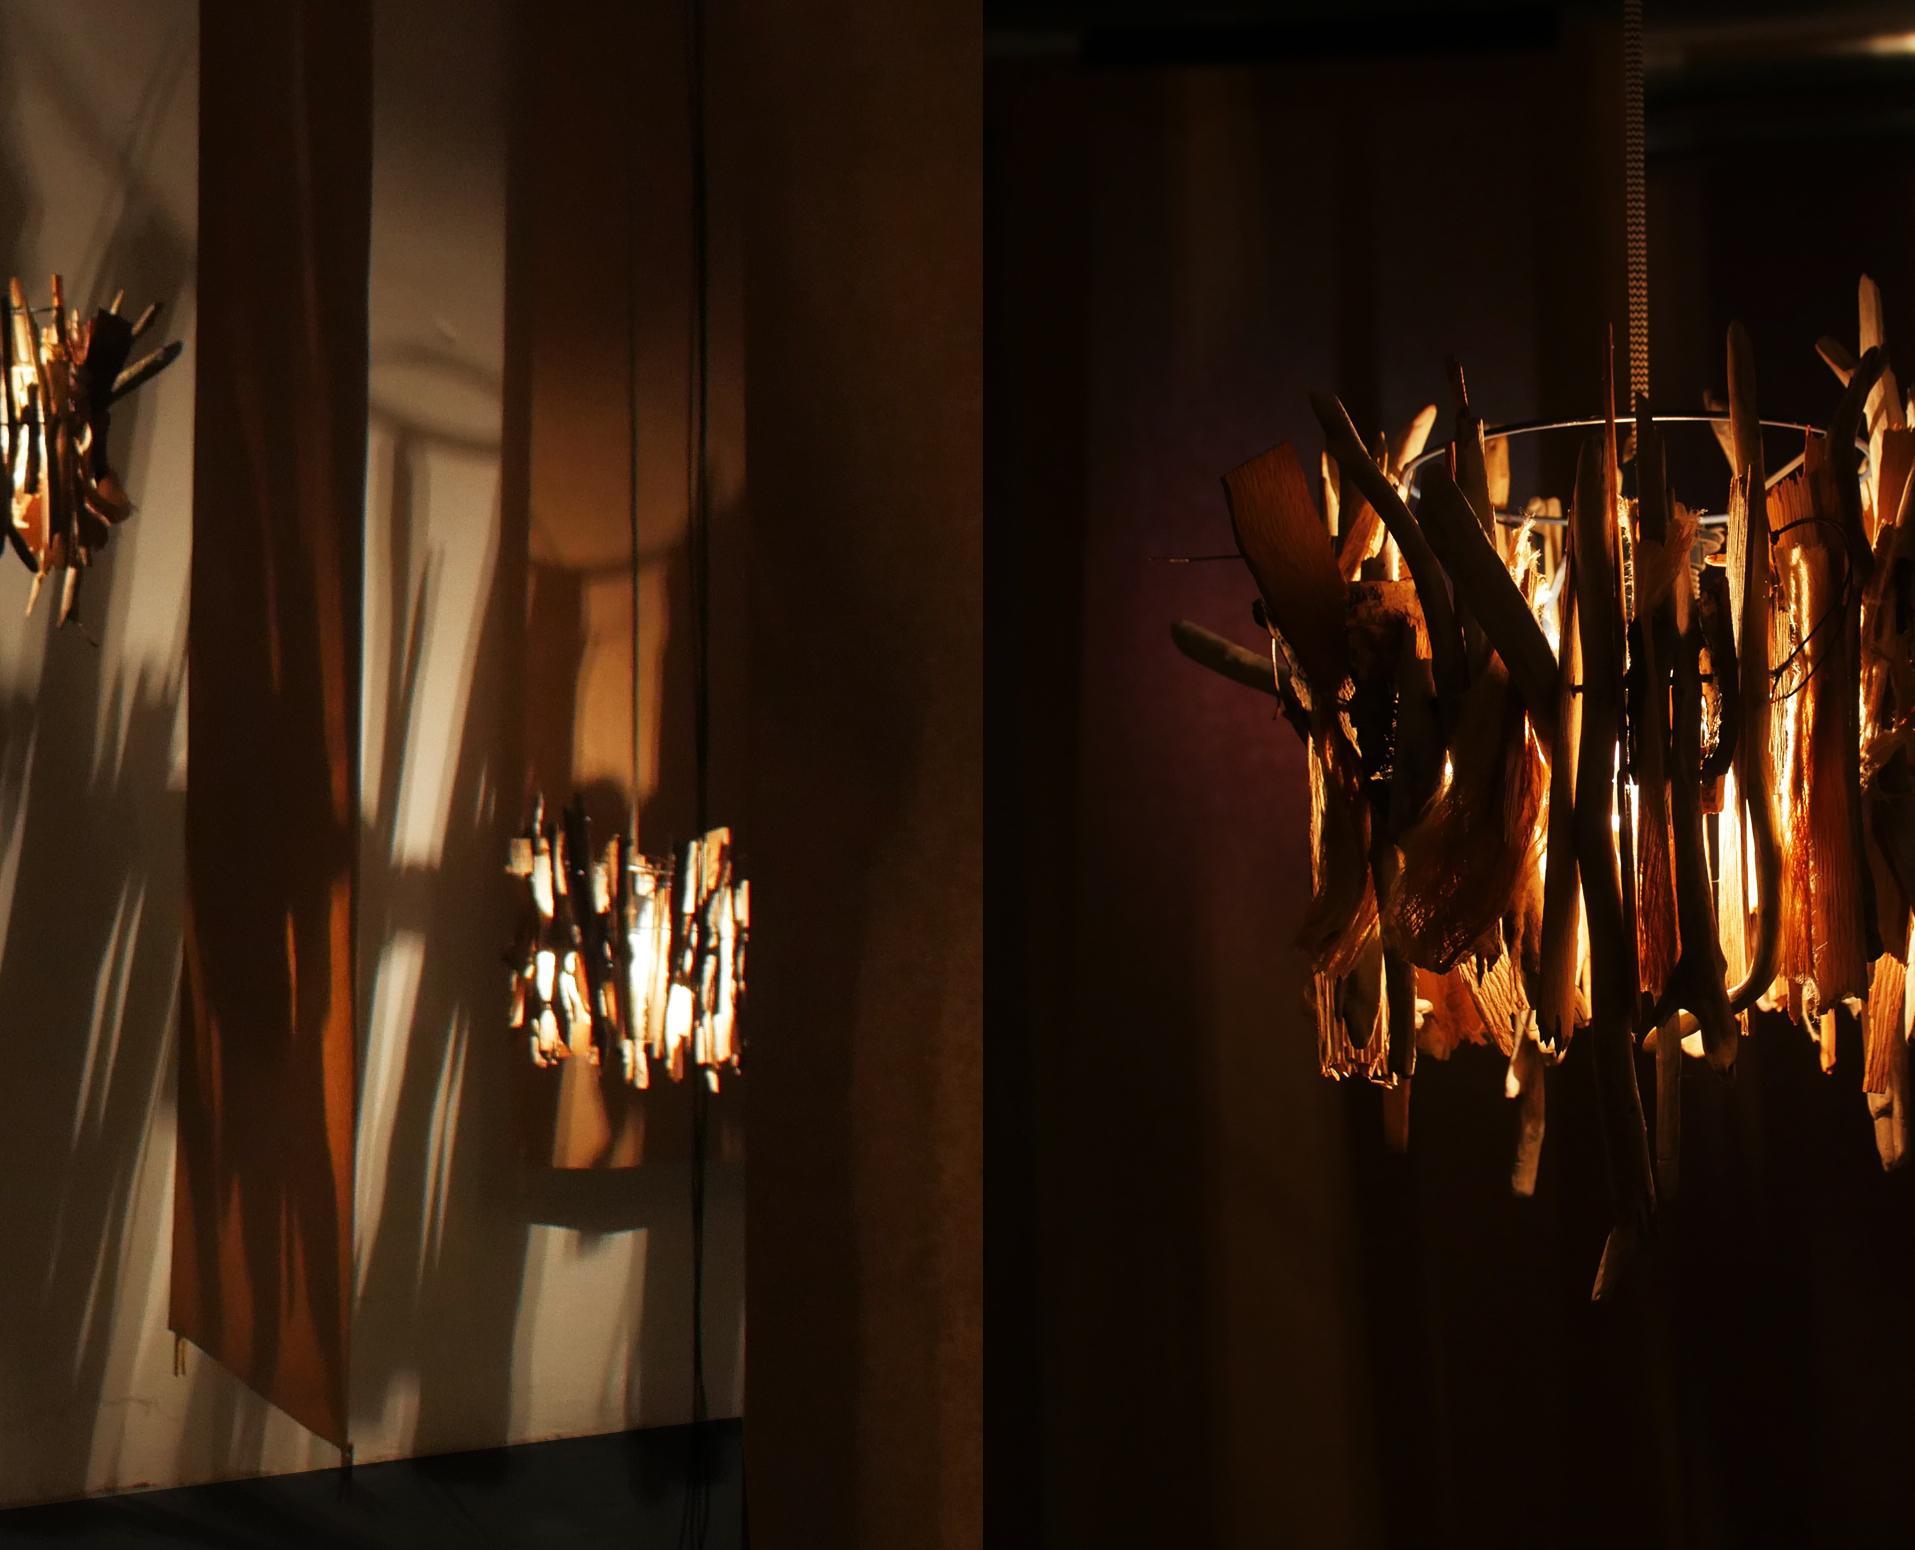 Michael-Acapulco-Wunschraum-Installation.jpg